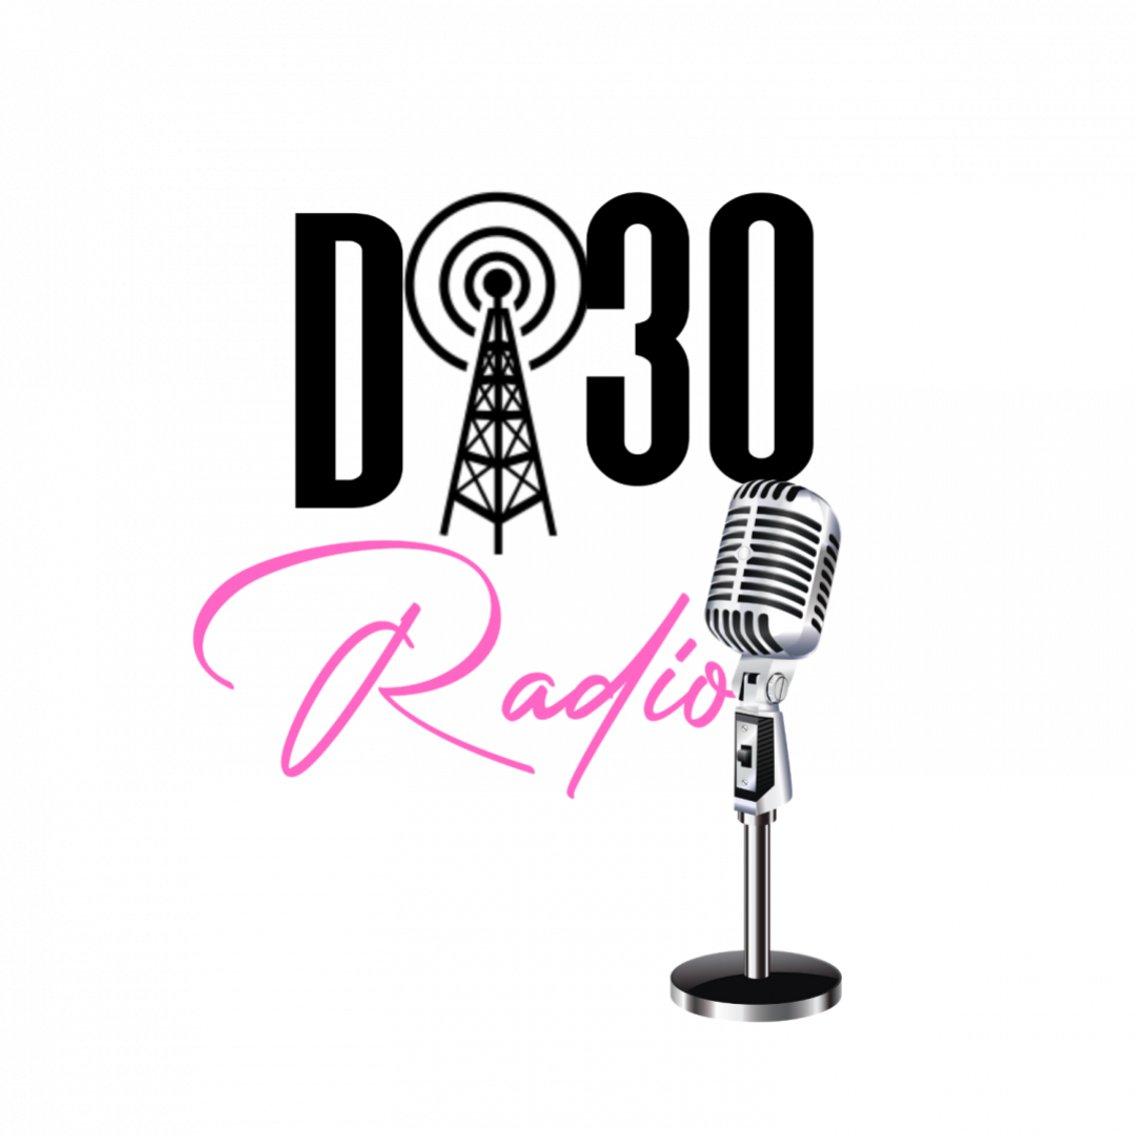 D30 Radio Holiday Edition - immagine di copertina